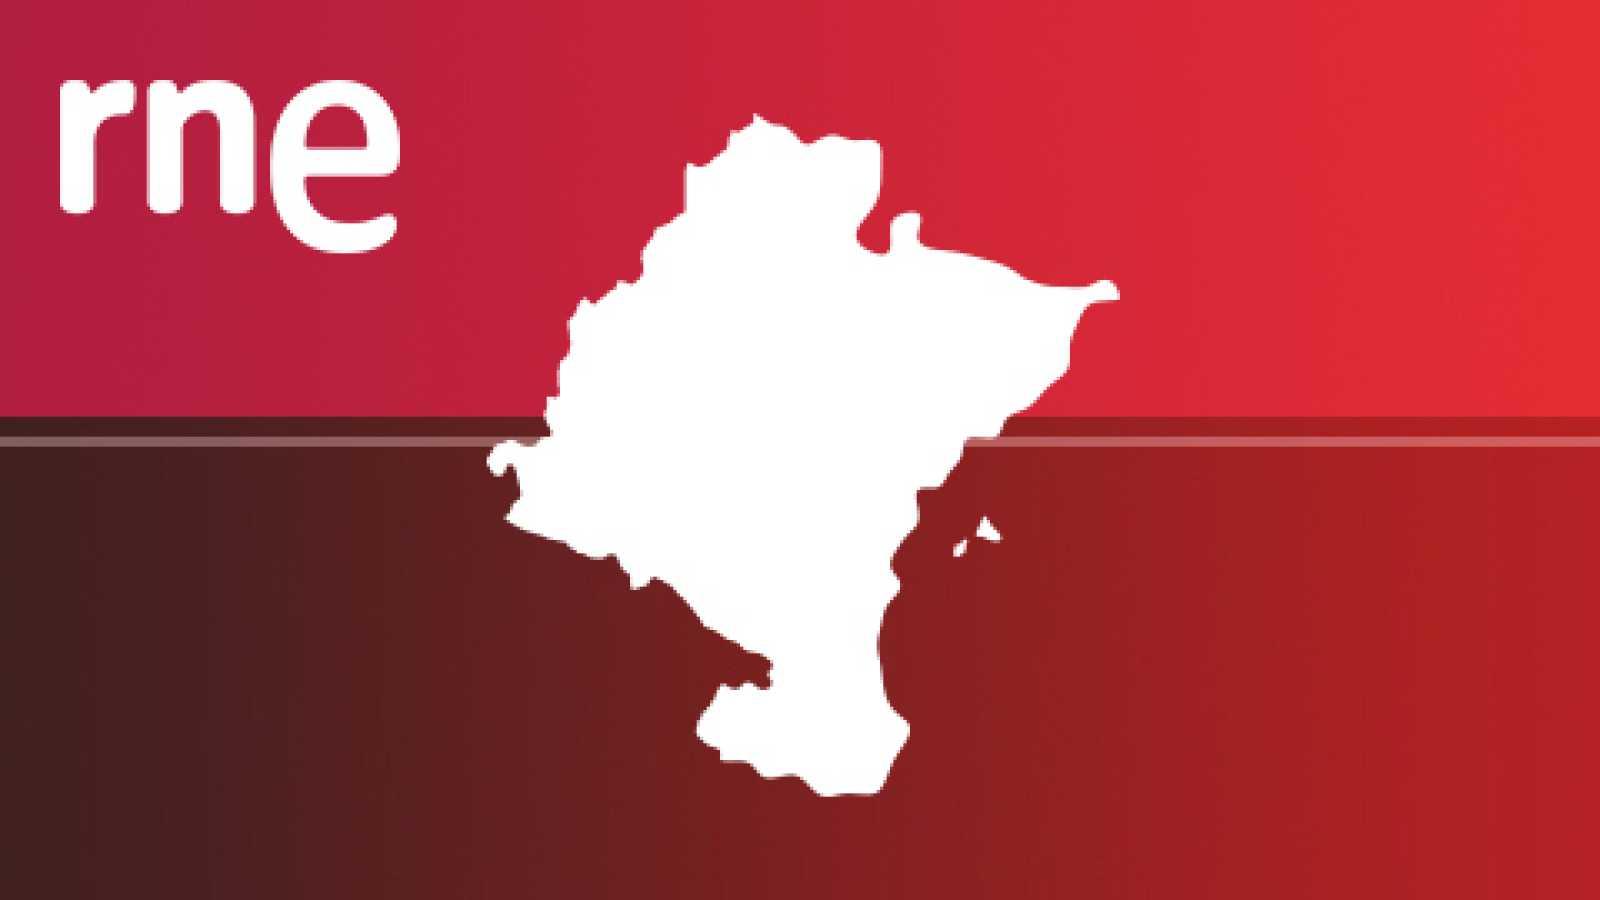 Informativo Navarra - Aoiz anuncia movilizaciones contra el cierre de Gamesa - 02/07/20 - Escuchar ahora